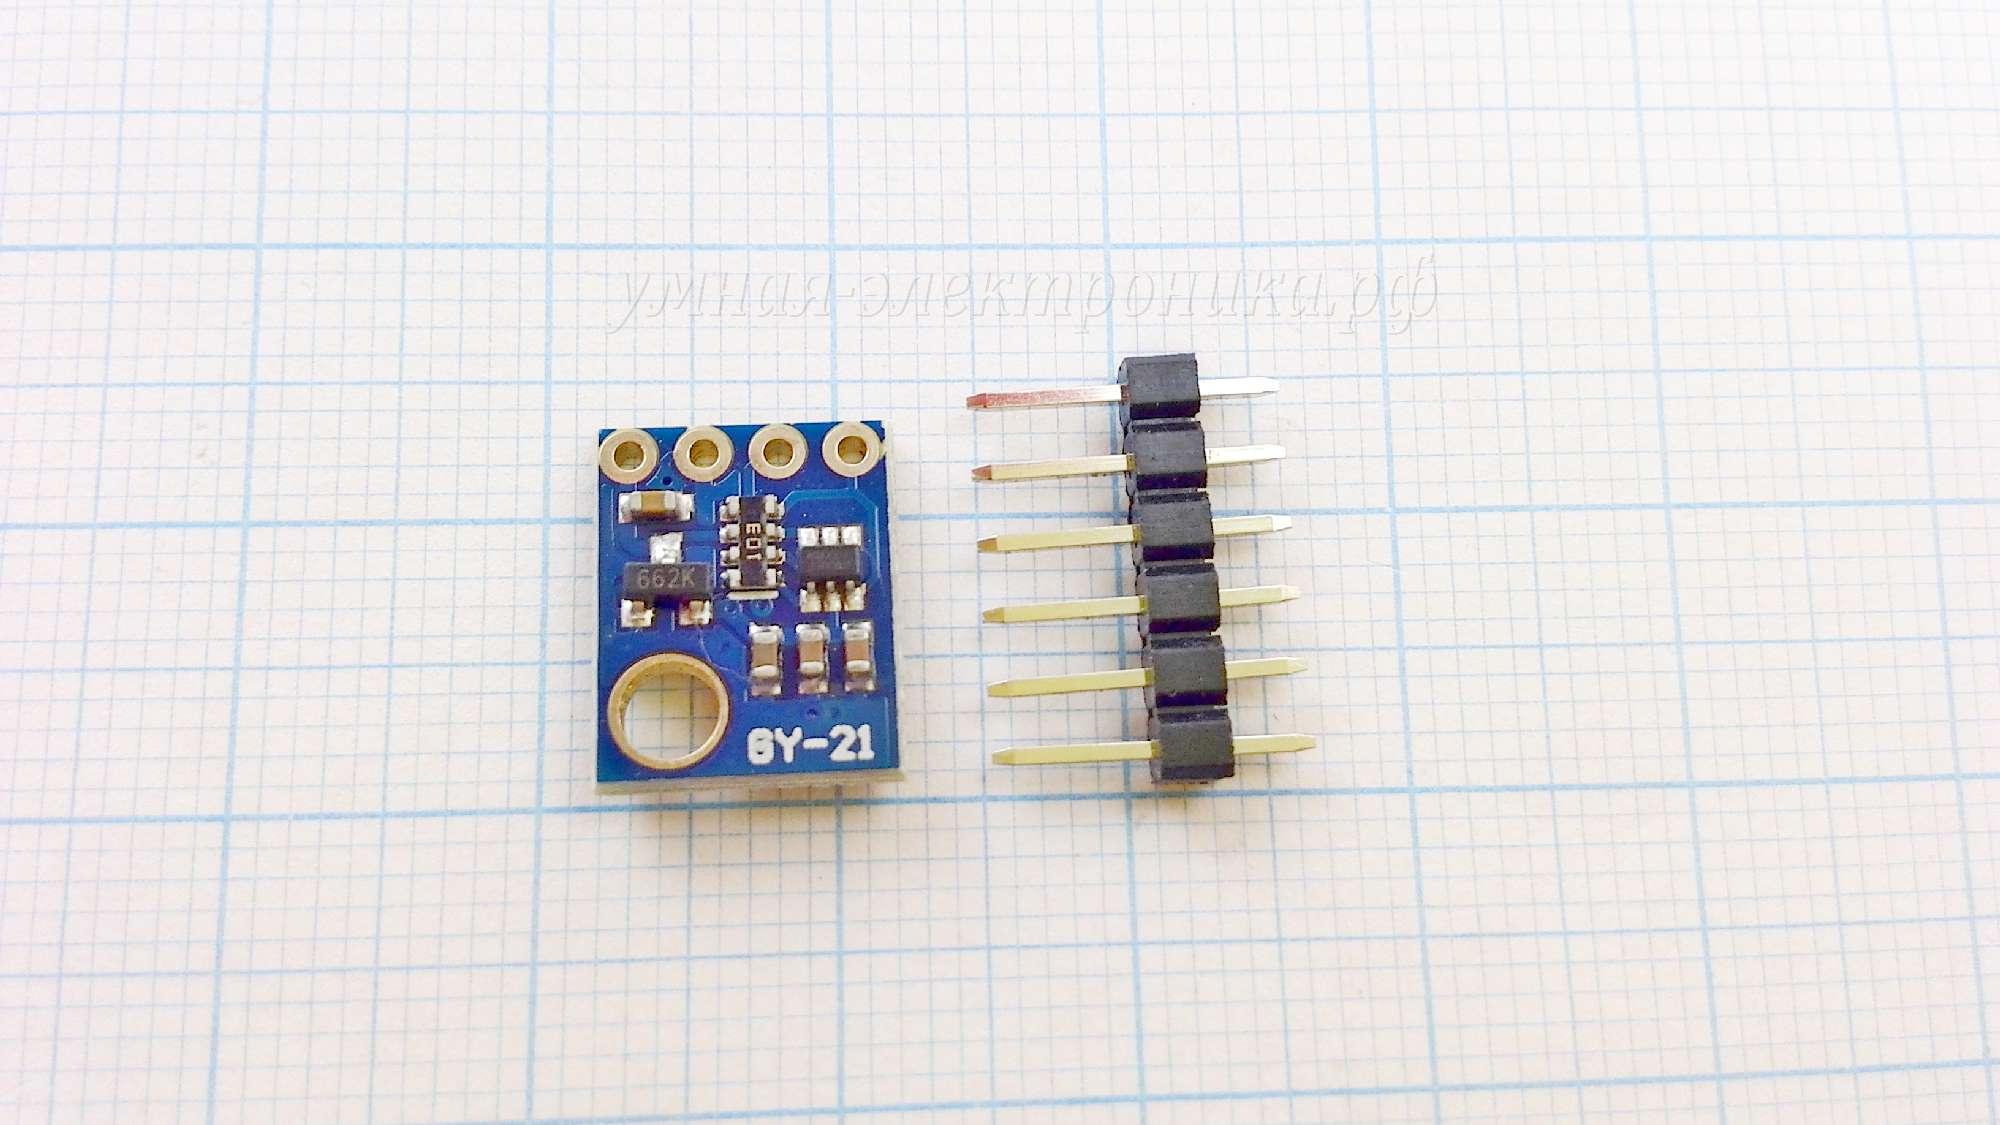 Датчик температуры и влажности GY-21 SHT21 (HTU21) -40+125°C